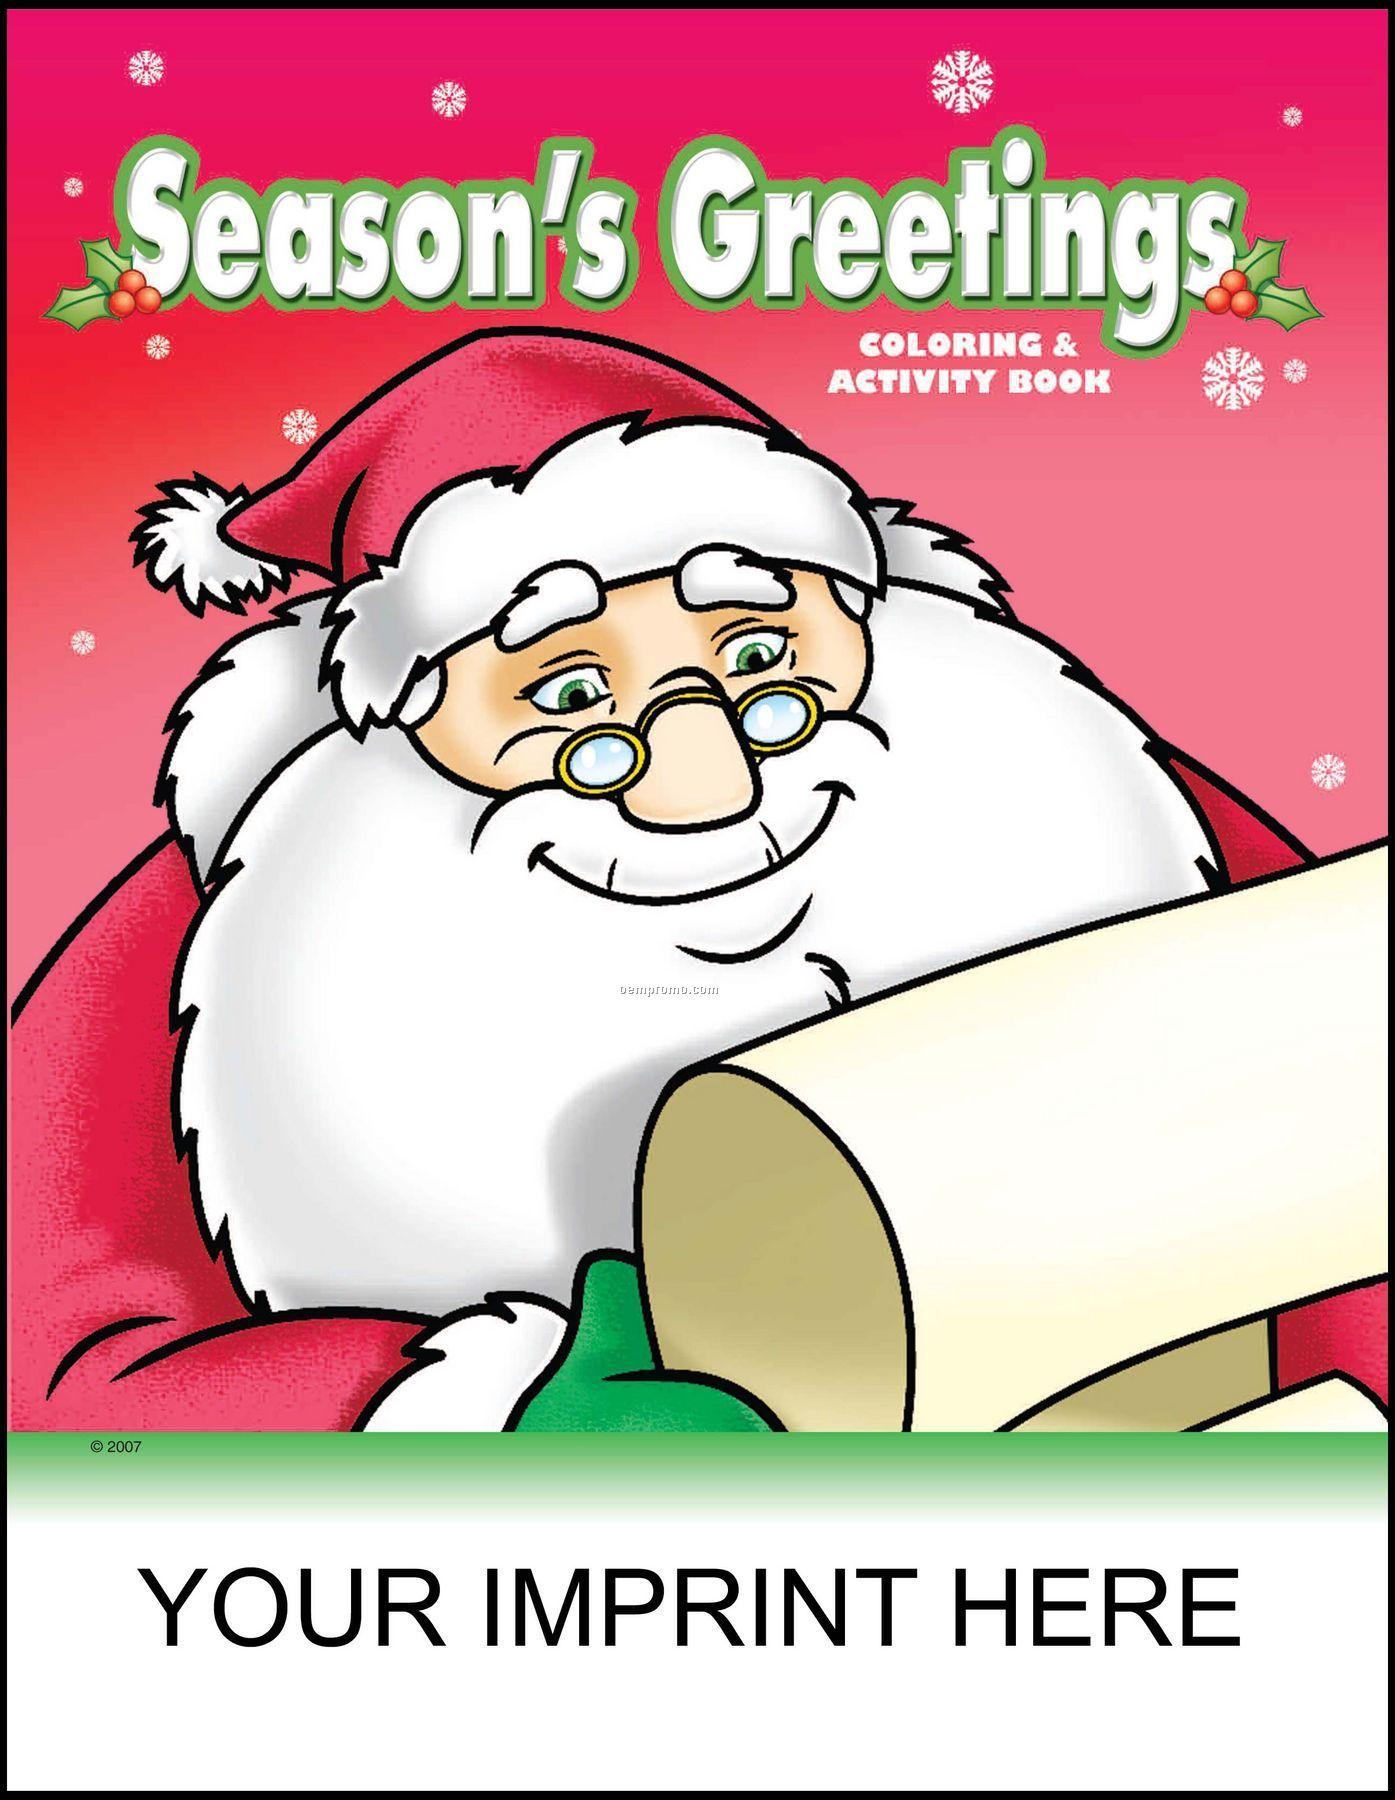 Season's Greetings Coloring & Activity Book - Santa Checking List